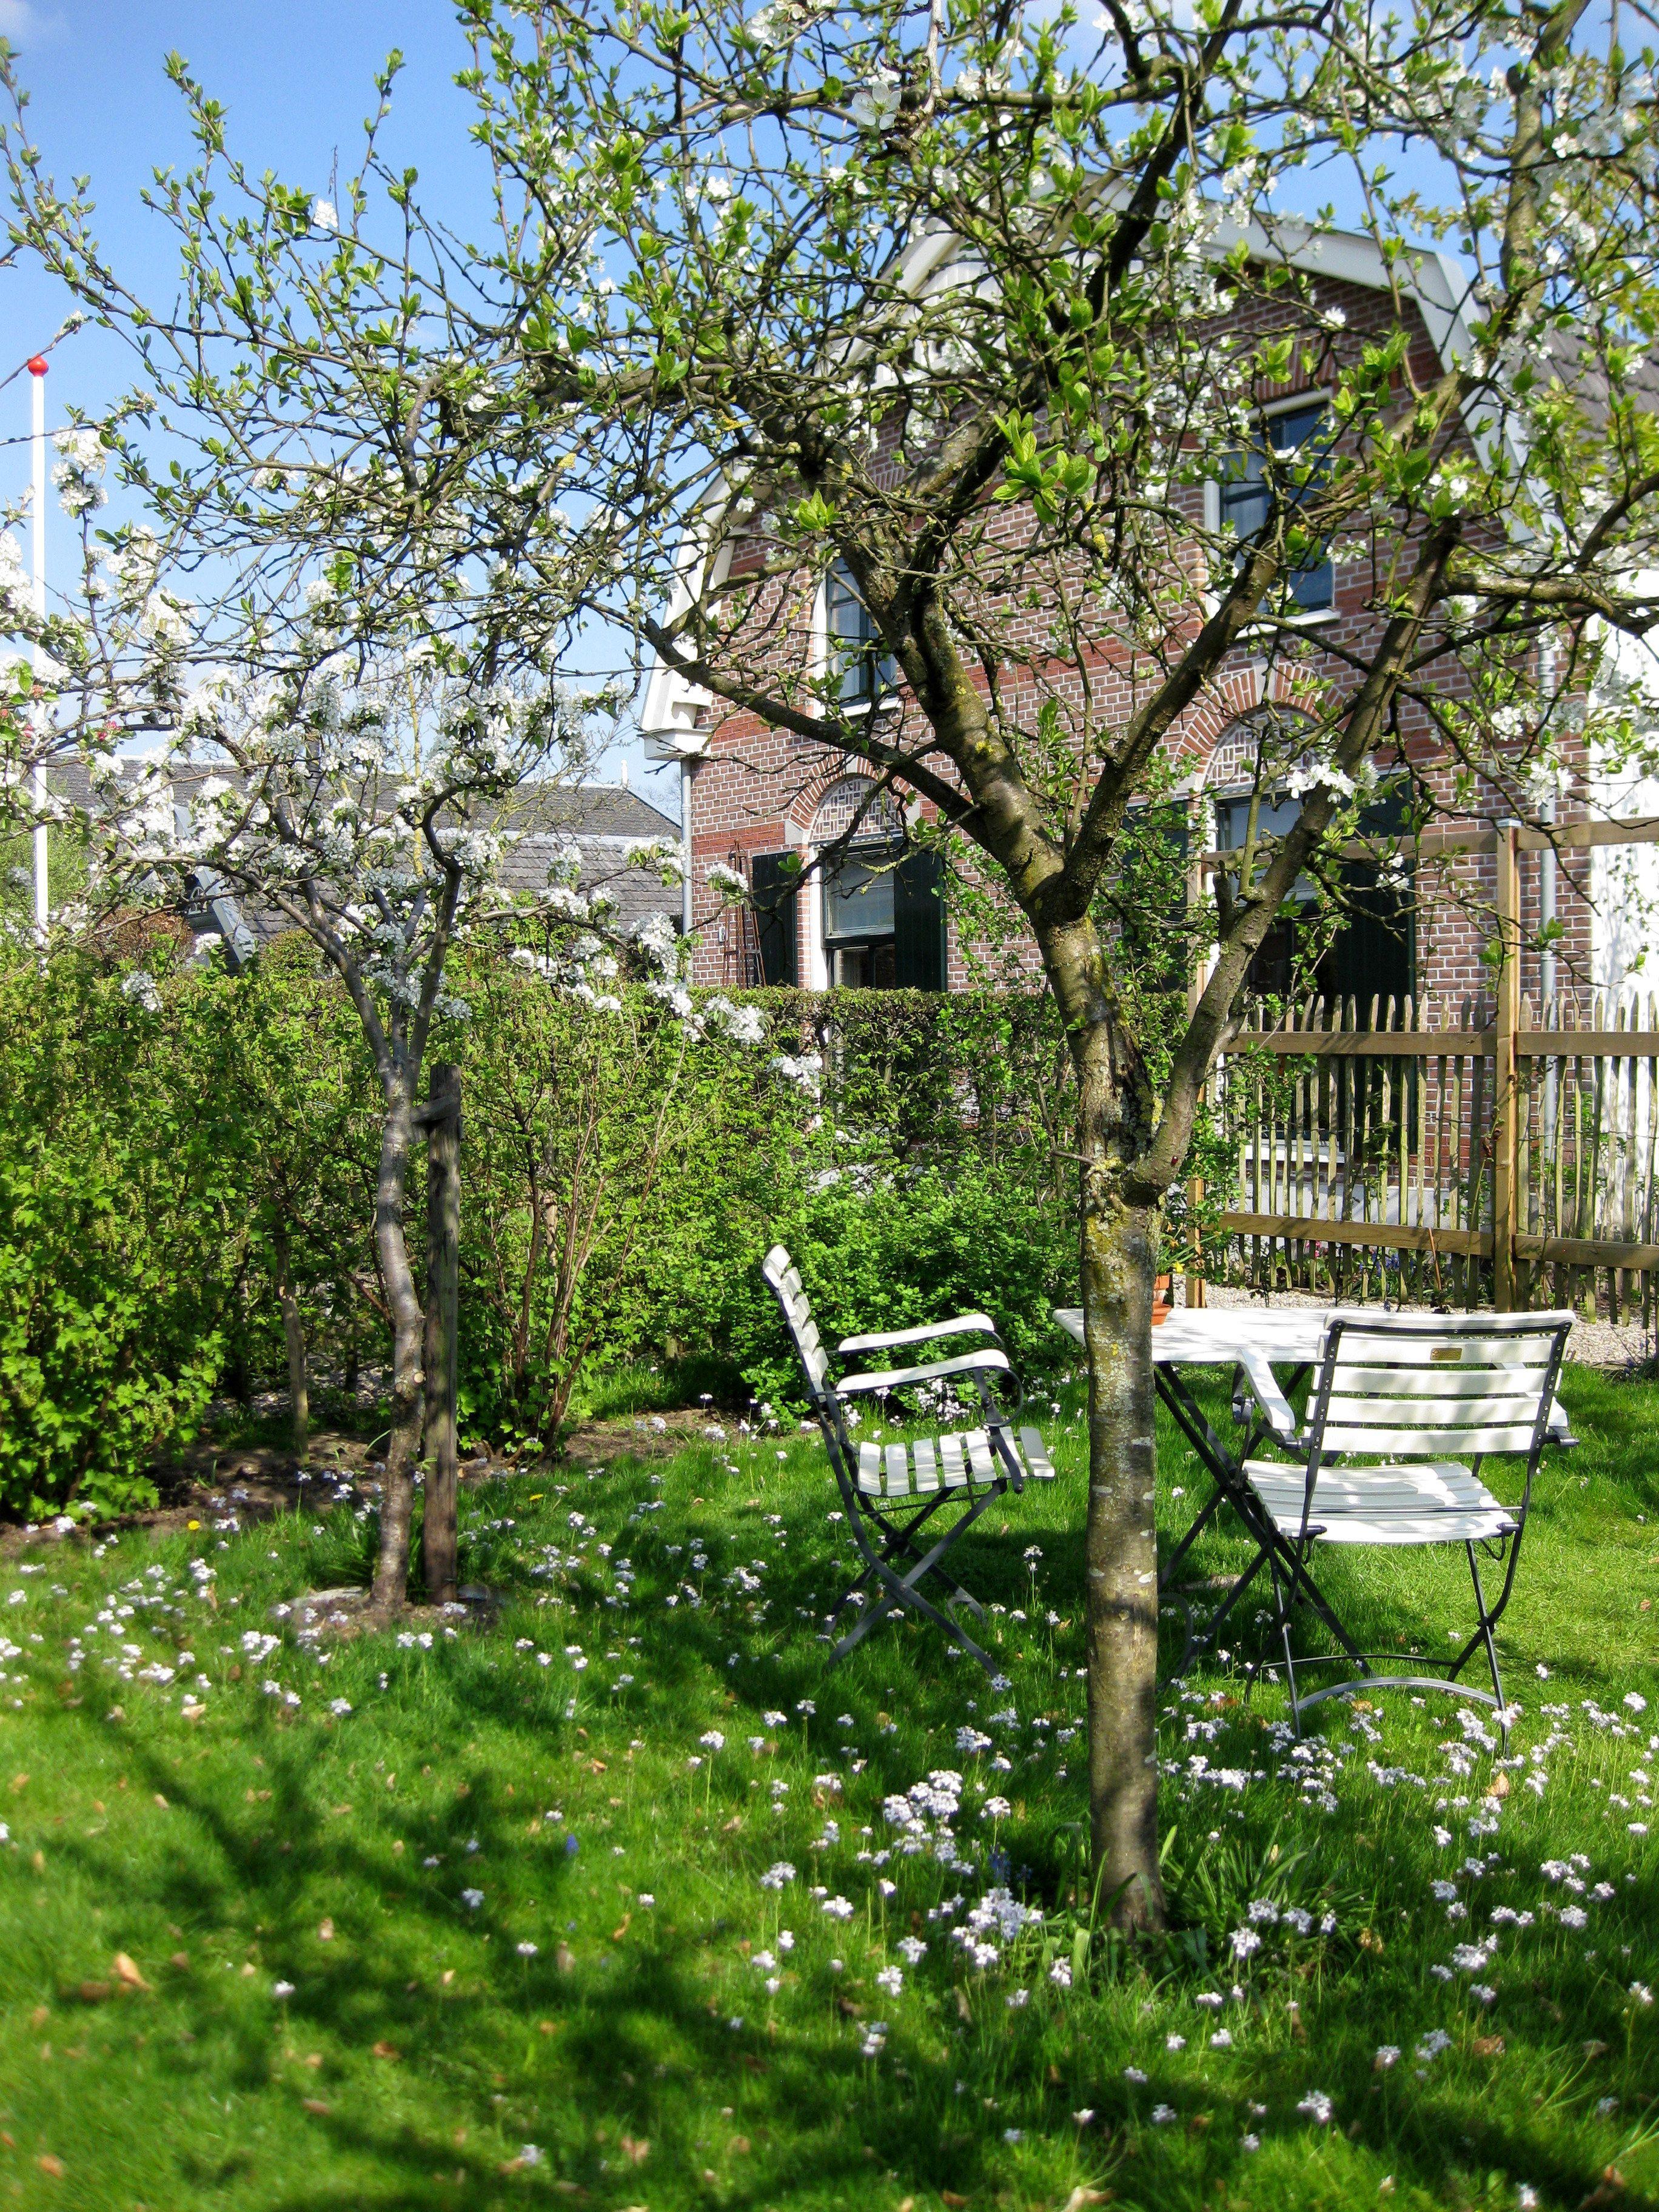 Boomgaard natuurlijke landelijke tuinen pinterest tuin tuinen en tuinieren - Landschapstuin idee ...